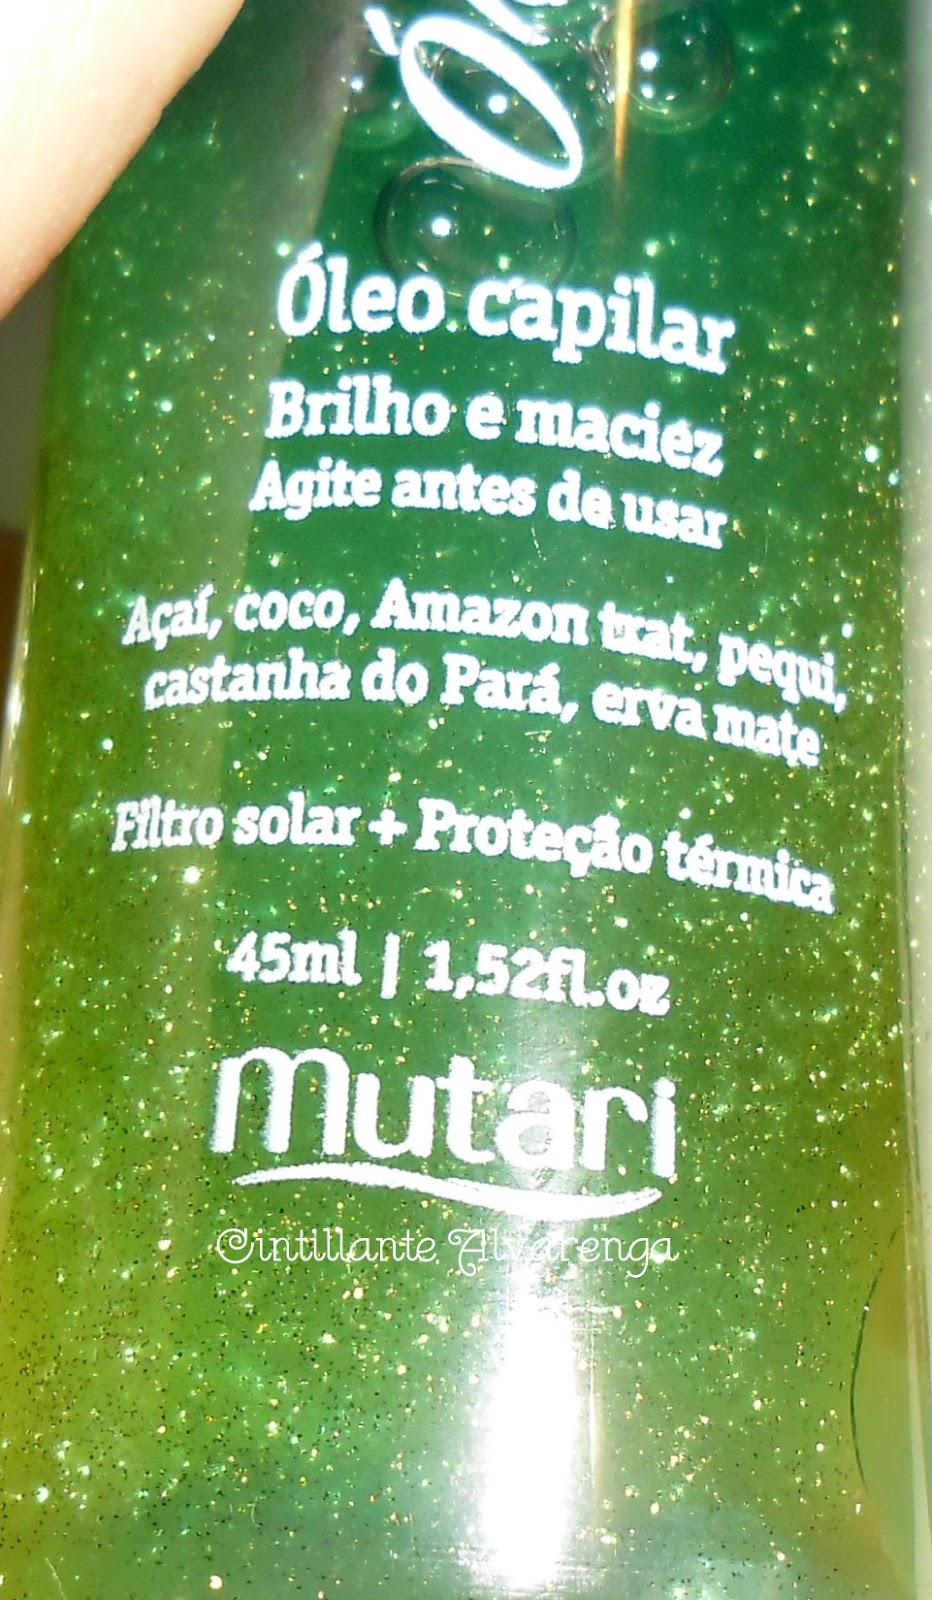 Óleos do Brasil-Mutari